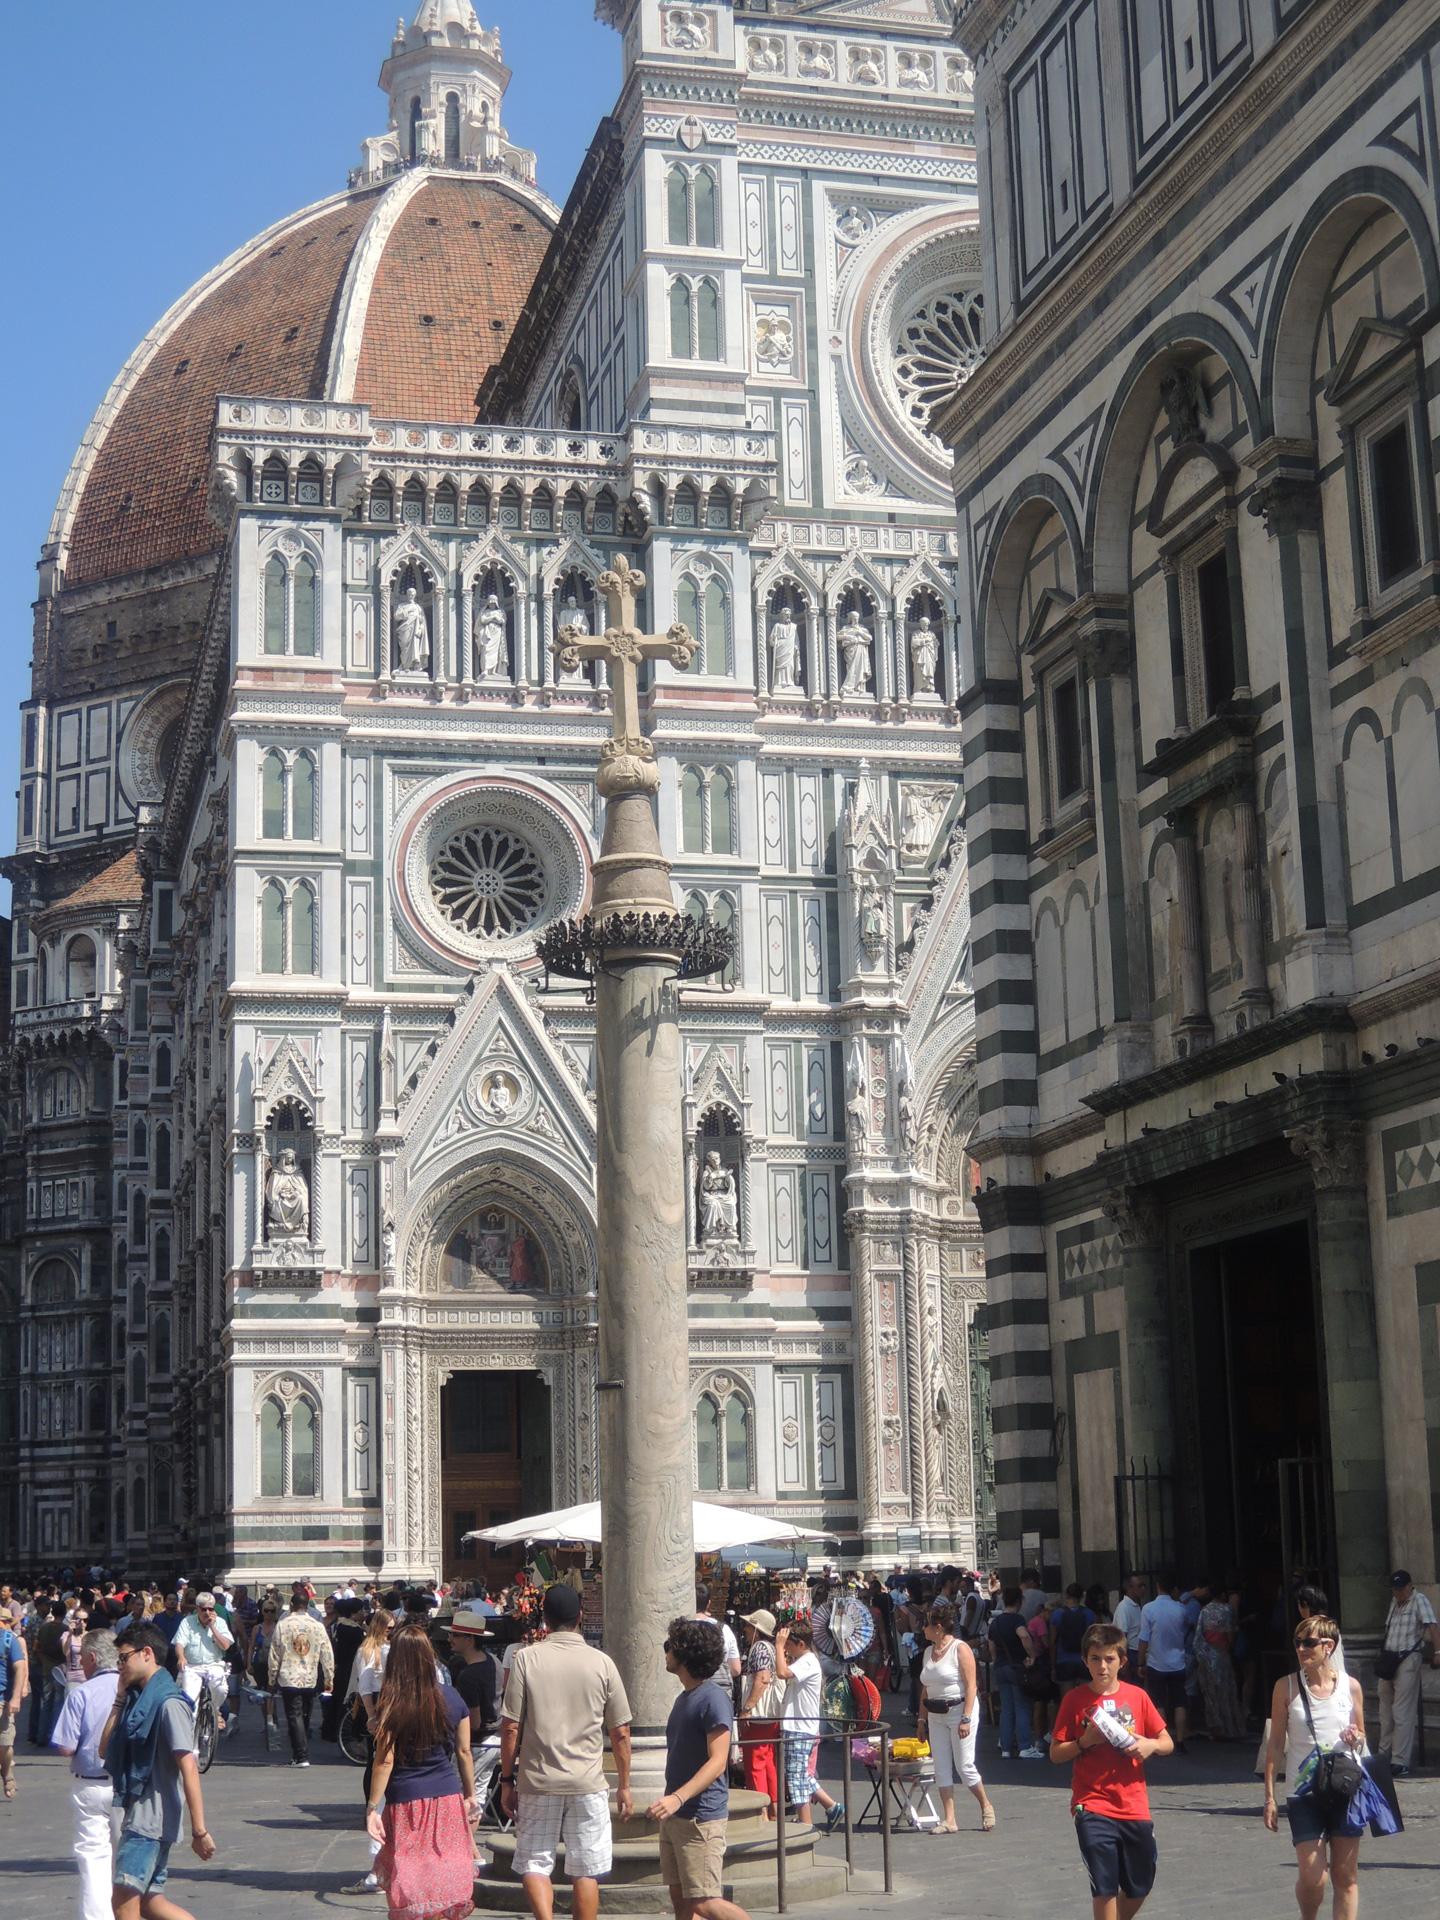 Colonna di San Zanobi met de Duomo op de achtergrond